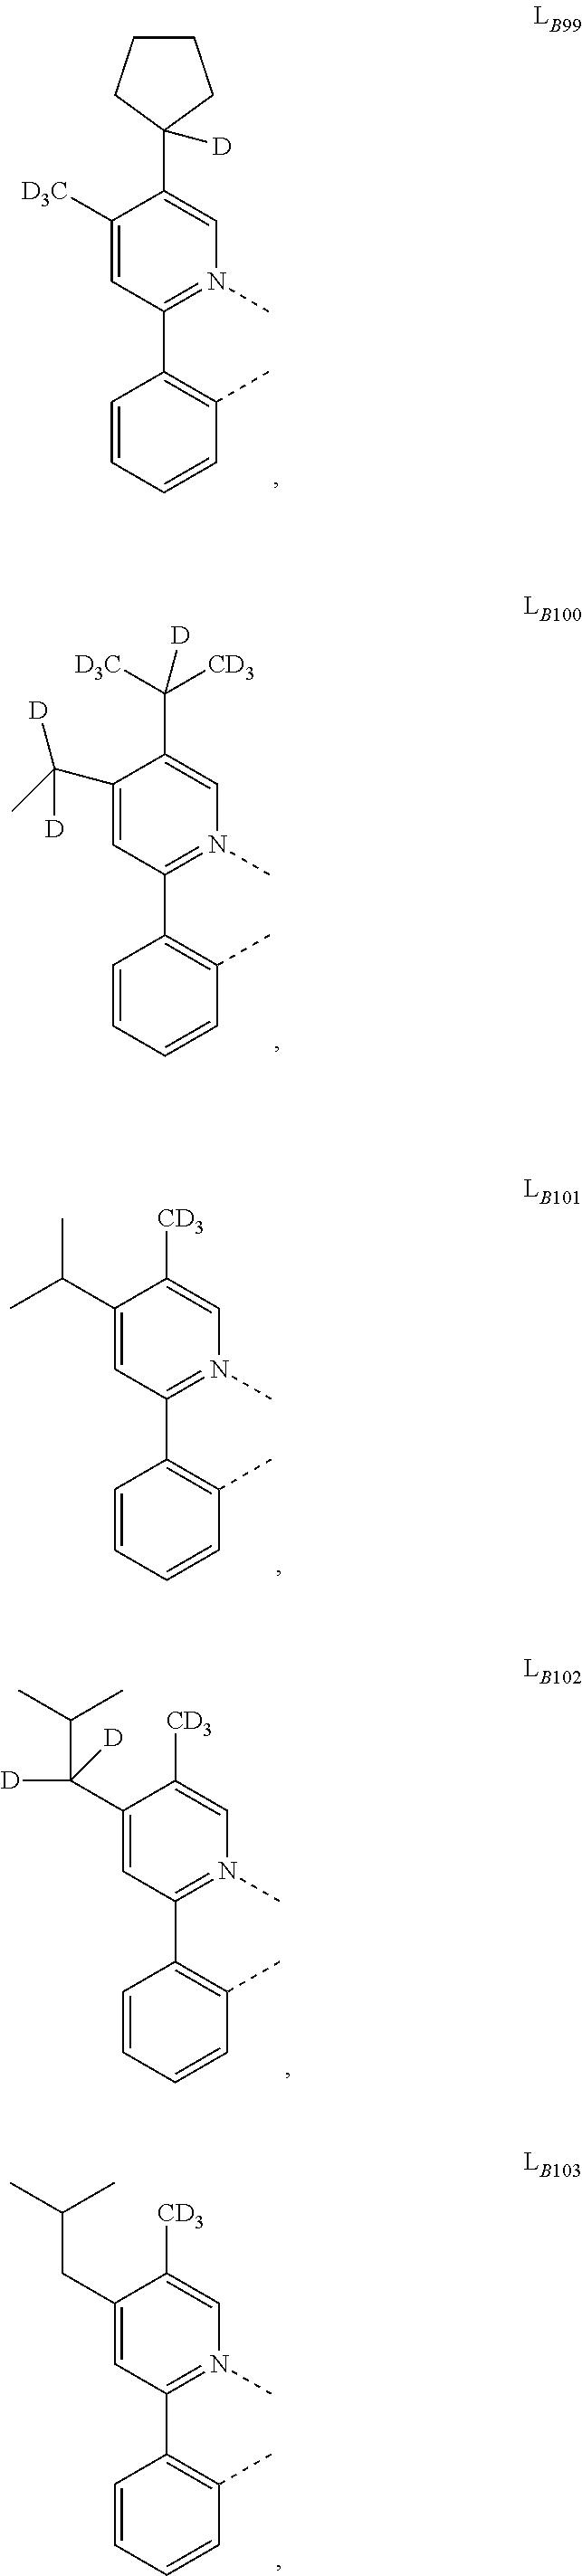 Figure US20160049599A1-20160218-C00133